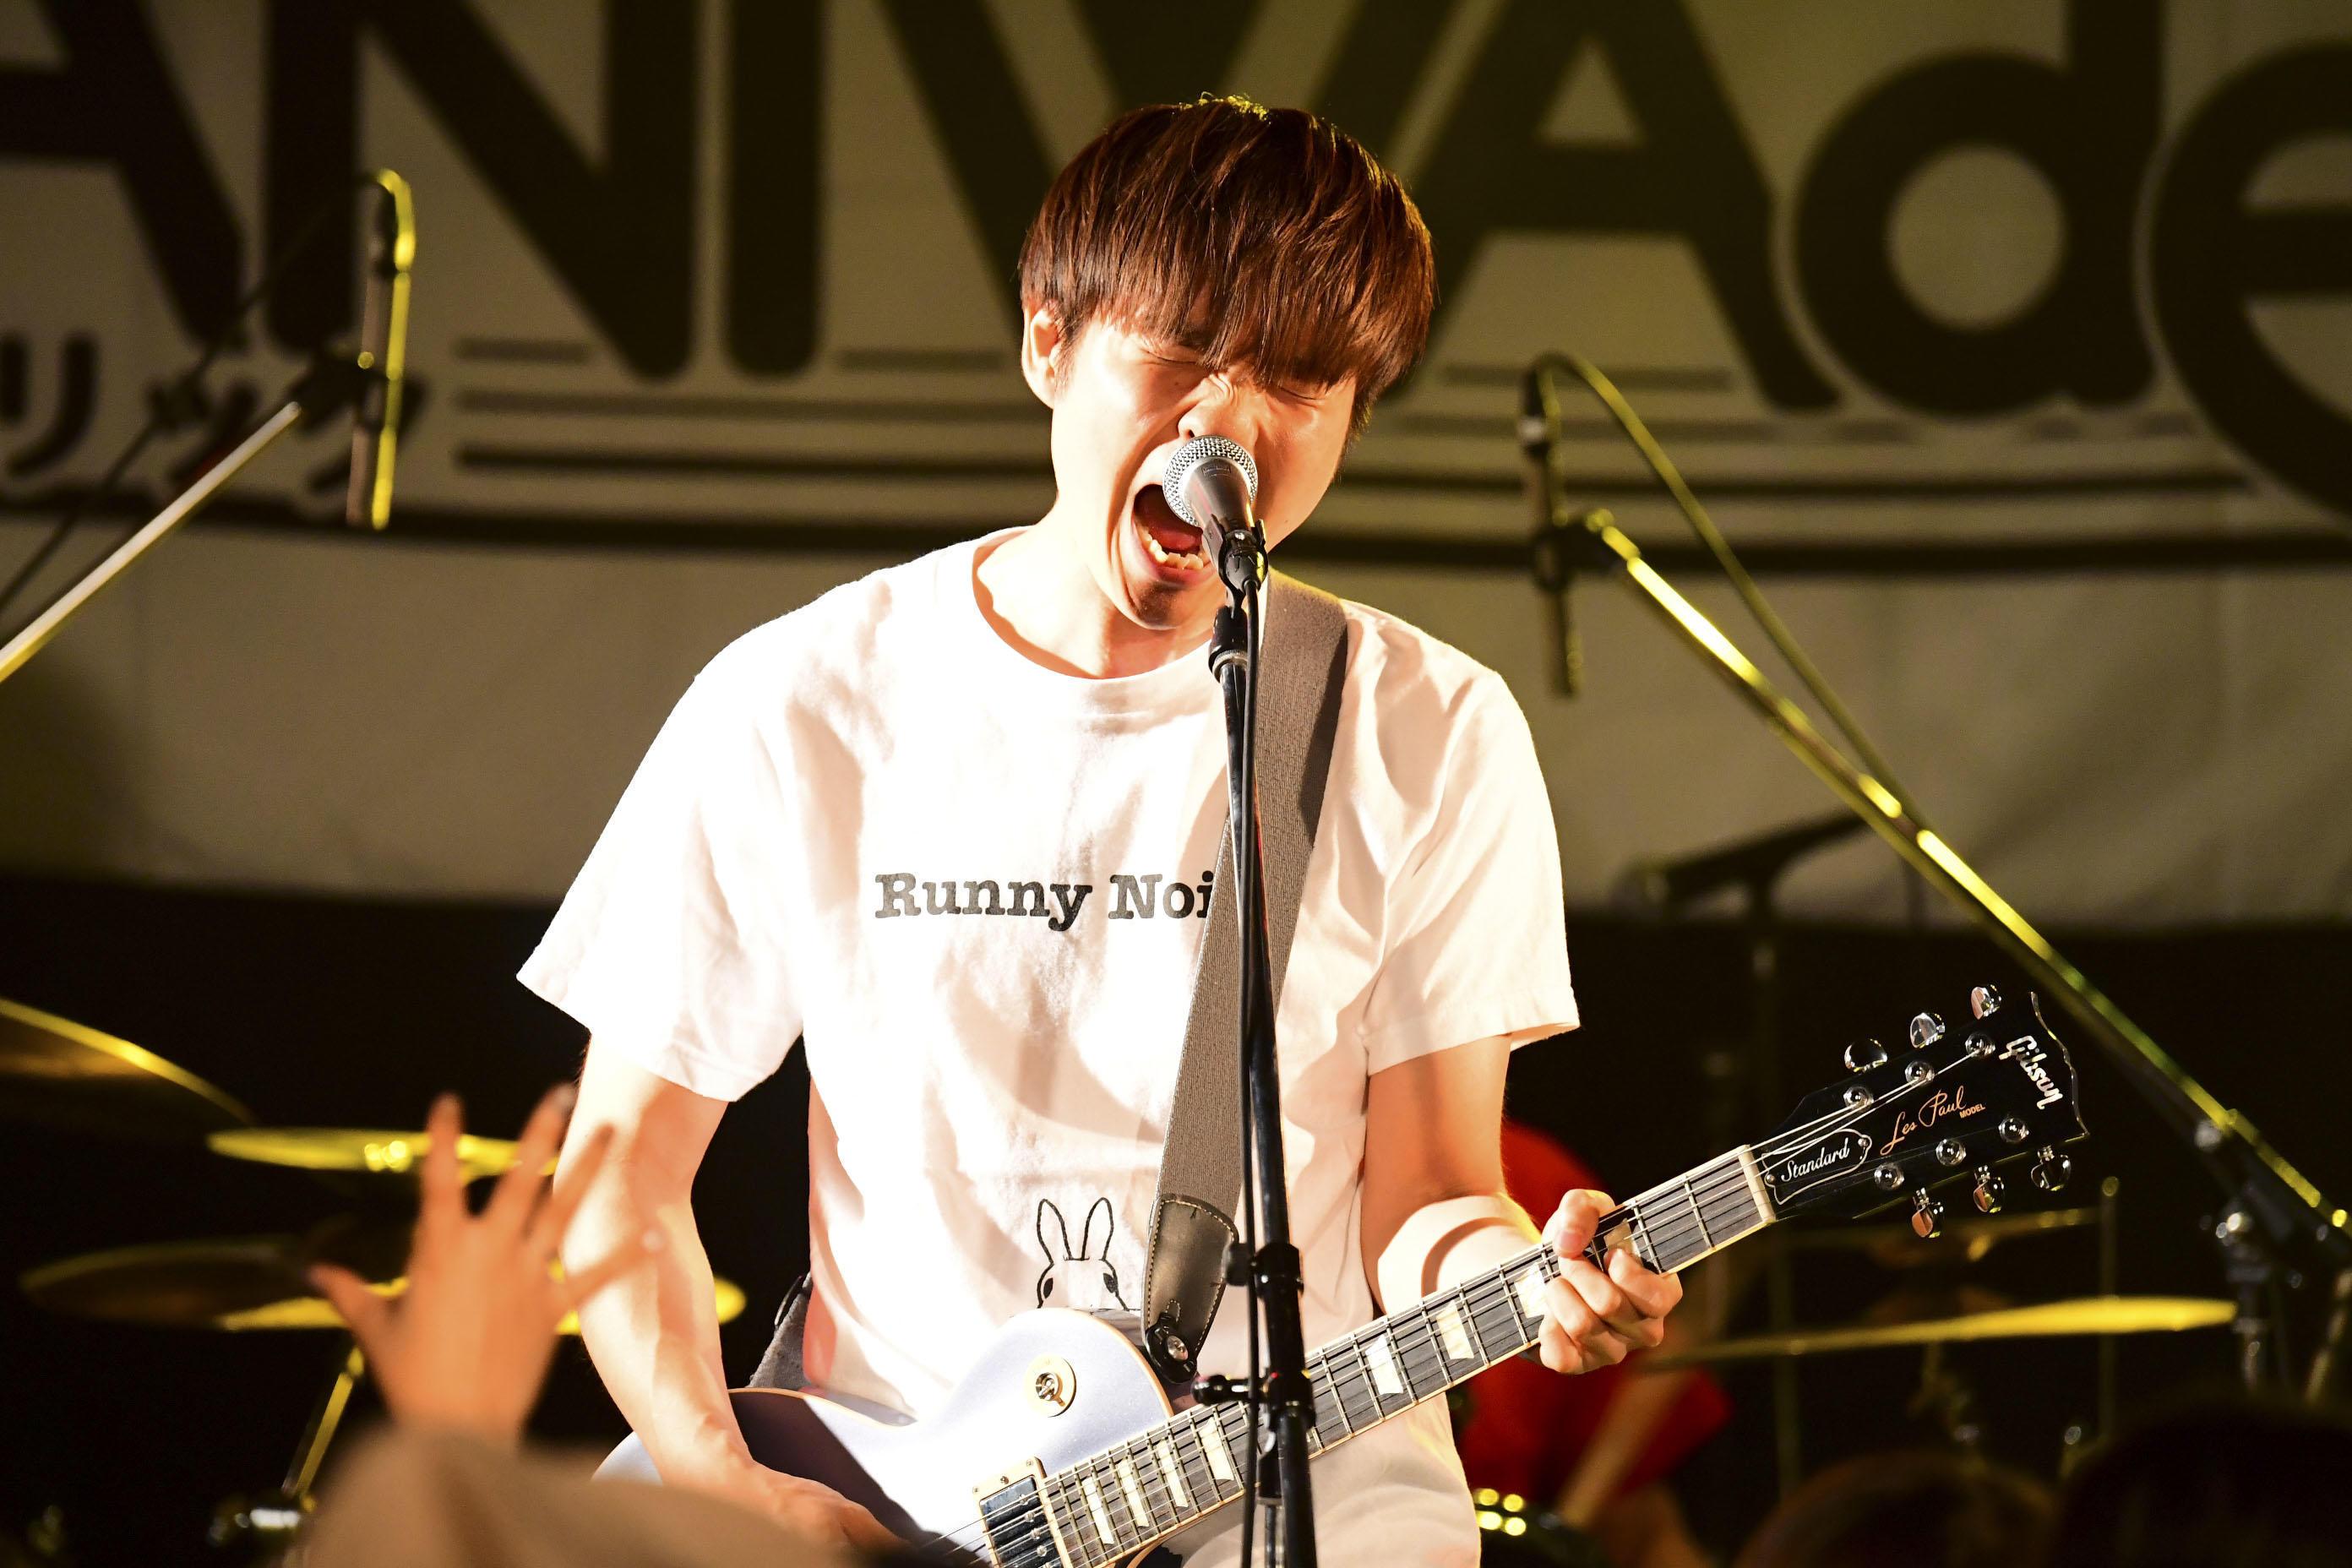 http://news.yoshimoto.co.jp/20170802095227-ccc9e3389ff1f637b38b2225bba4d12cd35a29e2.jpg